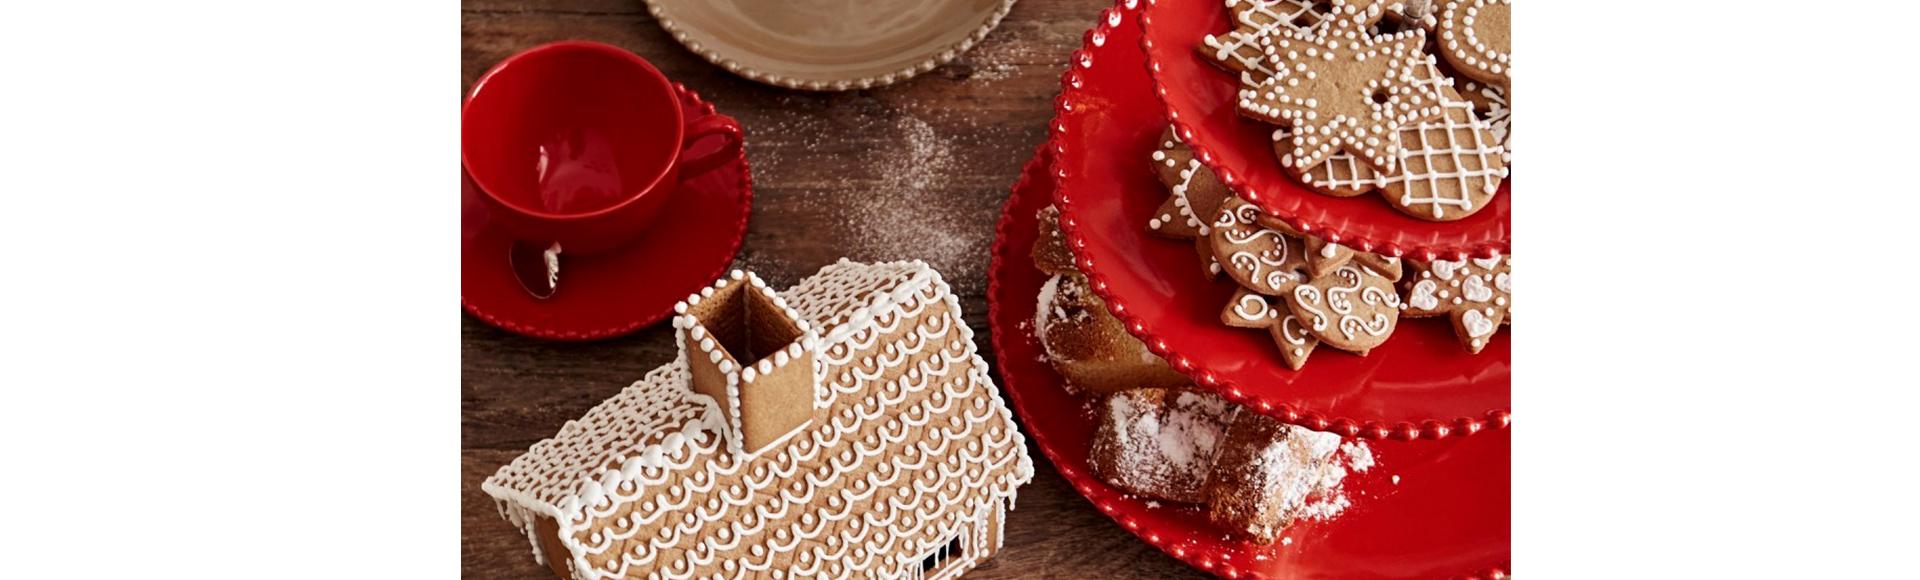 18・19世紀のヨーロッパの豊かな陶器のデザインにインスパイアされたパールシリーズ、赤い色がカワイイ、パールルビー。寒い季節にぴったりの、元気になる色。お皿を飾るトレードマークのぽんぽん模様が、ニットの飾りのようでかわいらしいいお皿です。